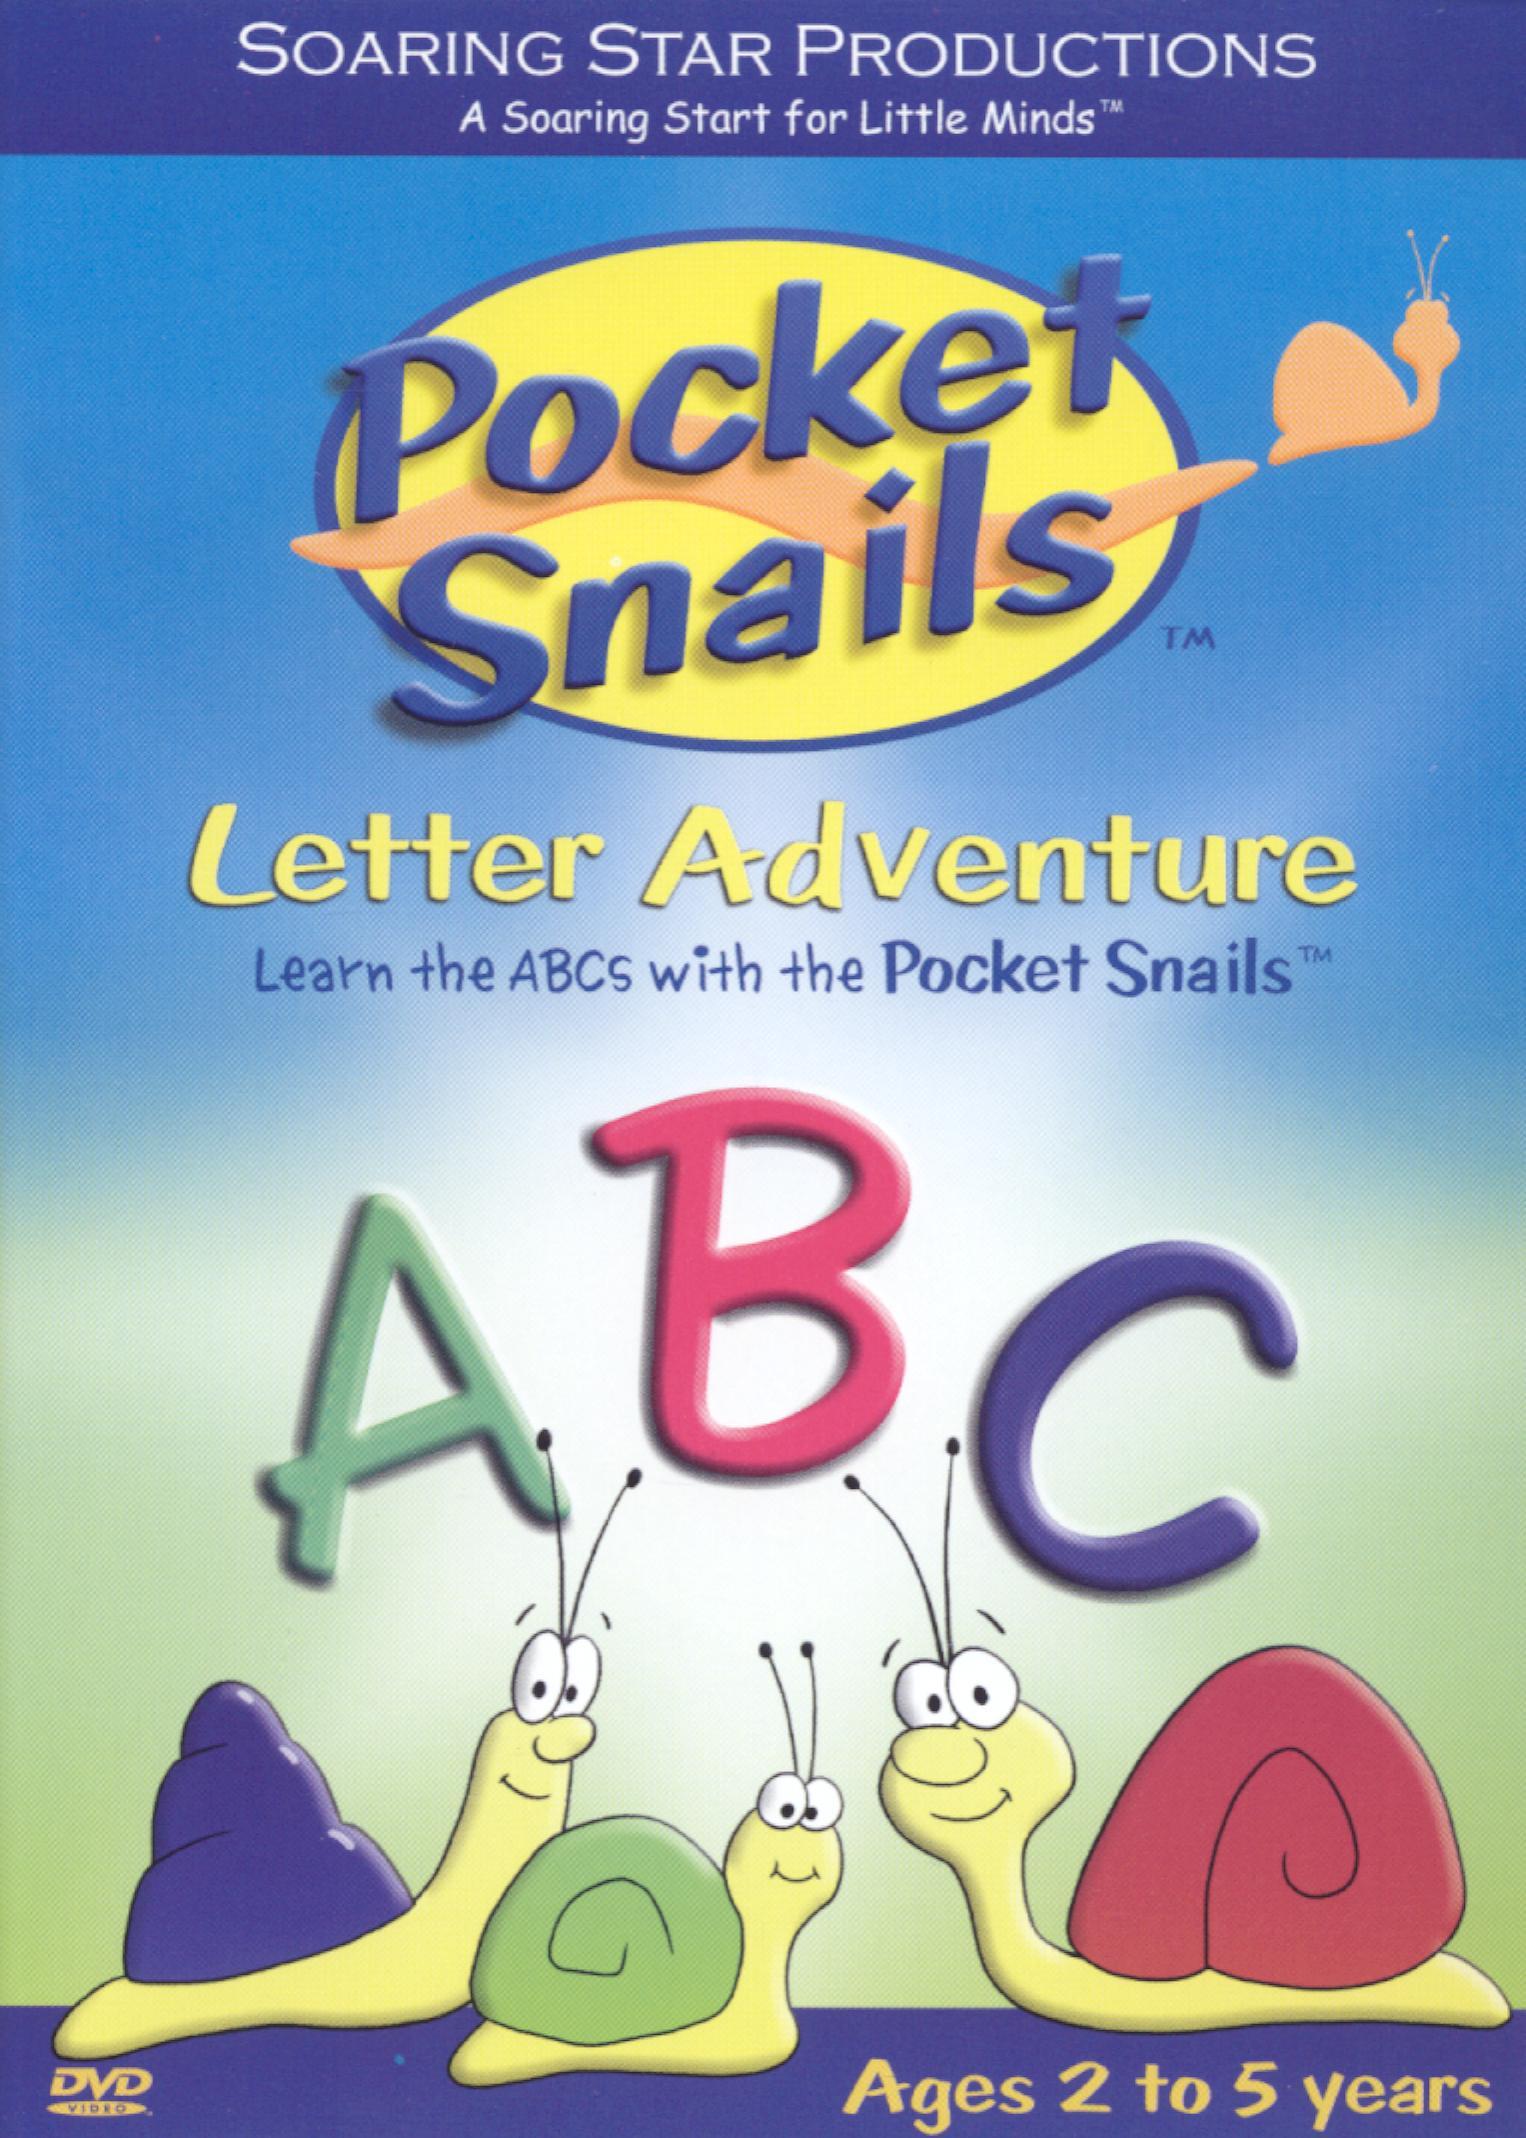 Pocket Snails: Letter Adventure